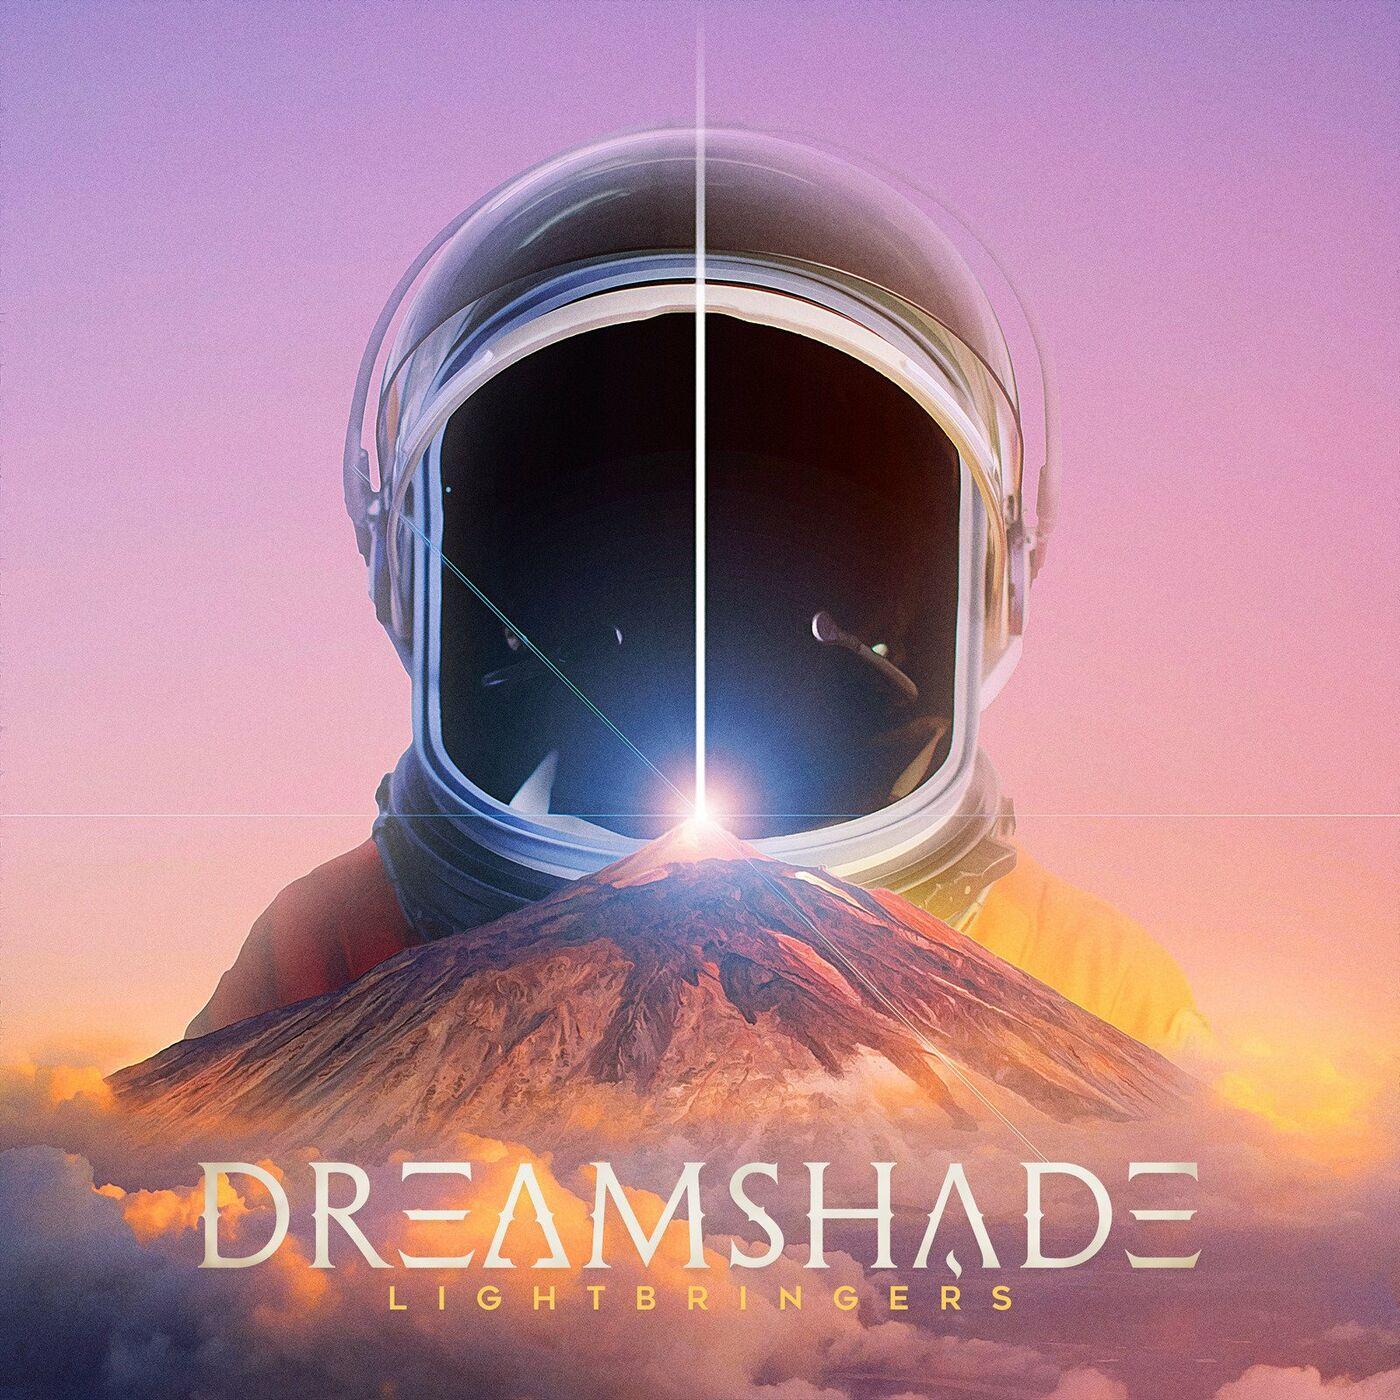 Dreamshade - Lightbringers [single] (2020)